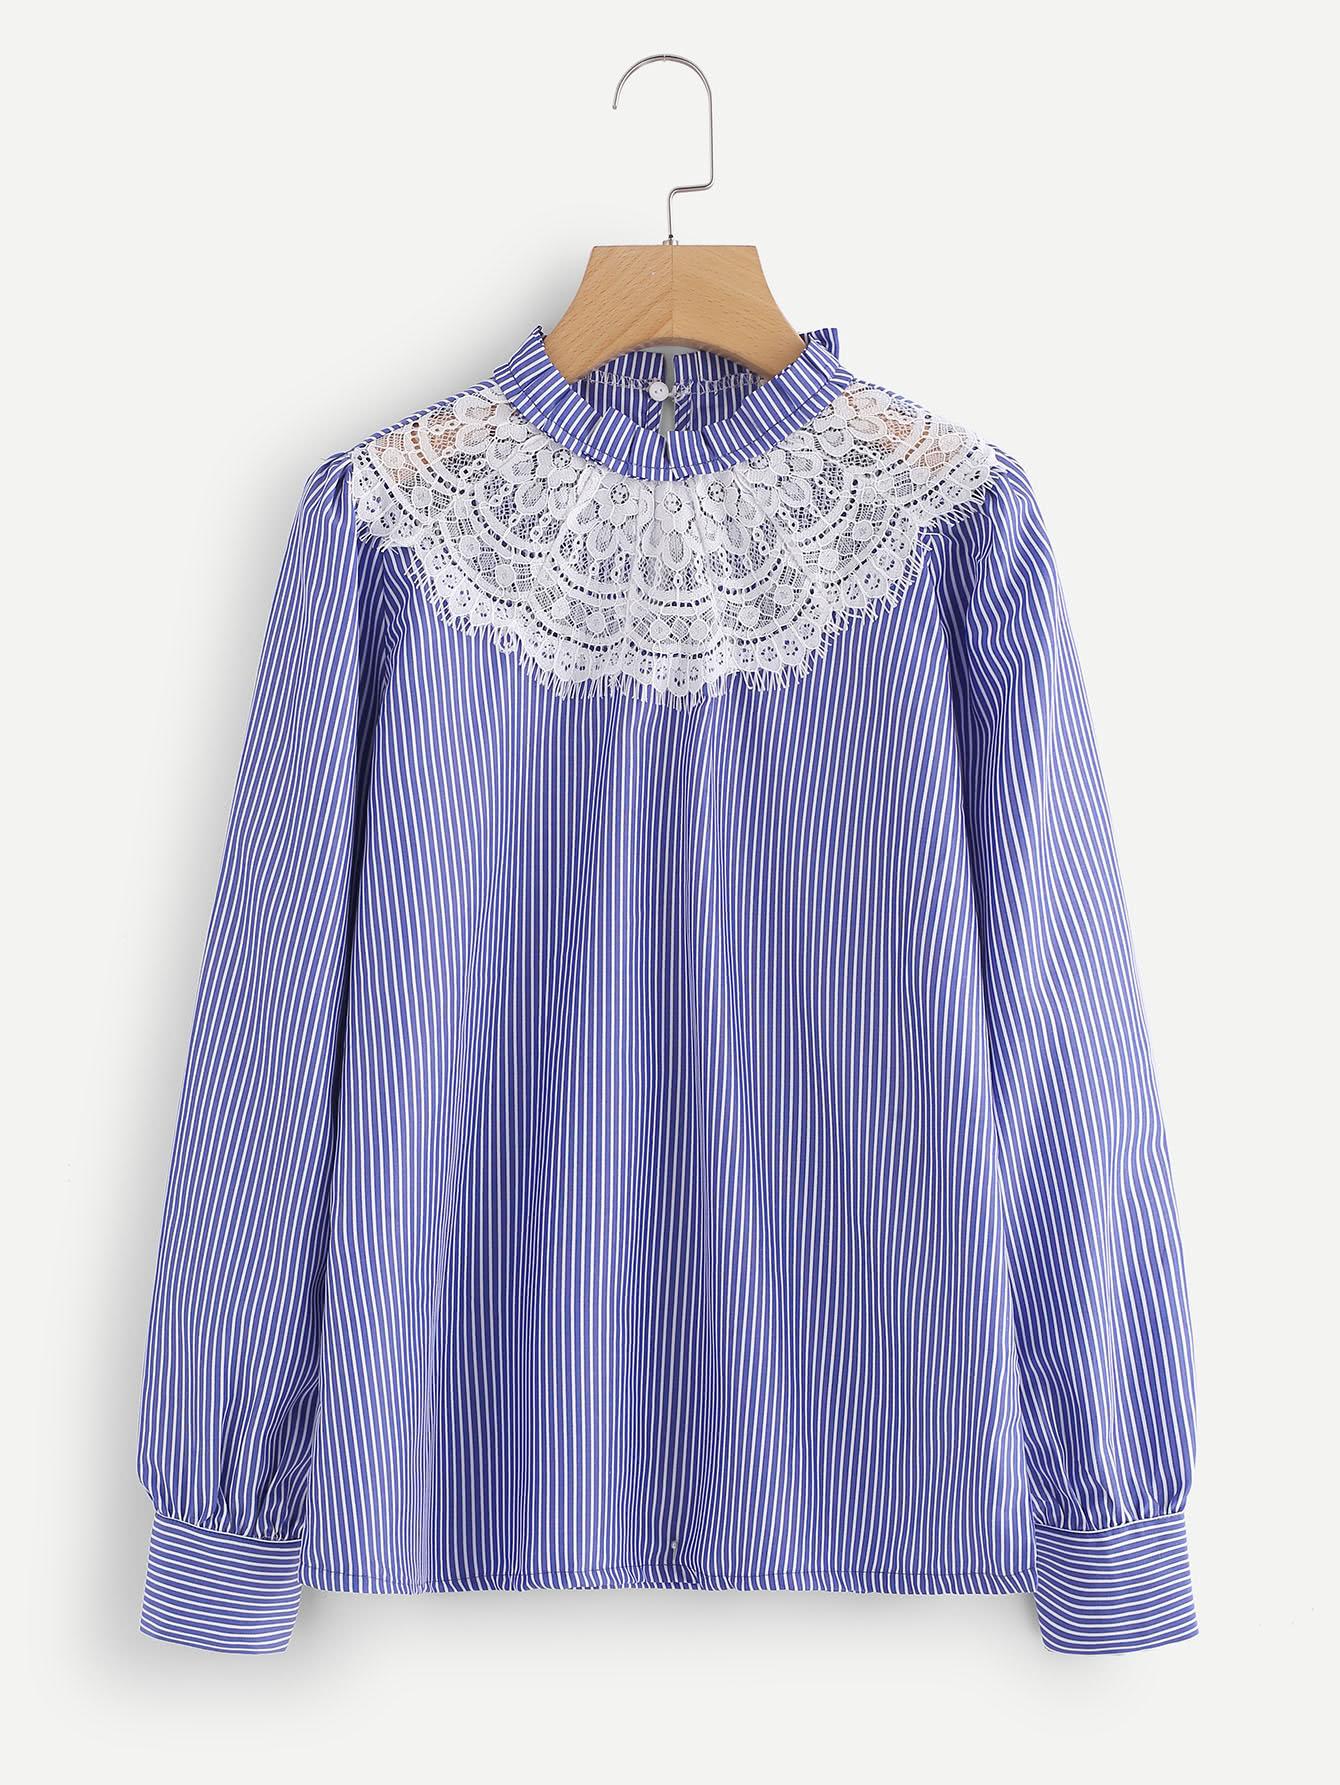 Contrast Eyelash Lace Neck Pinstripe Blouse lace crochet contrast neck blouse